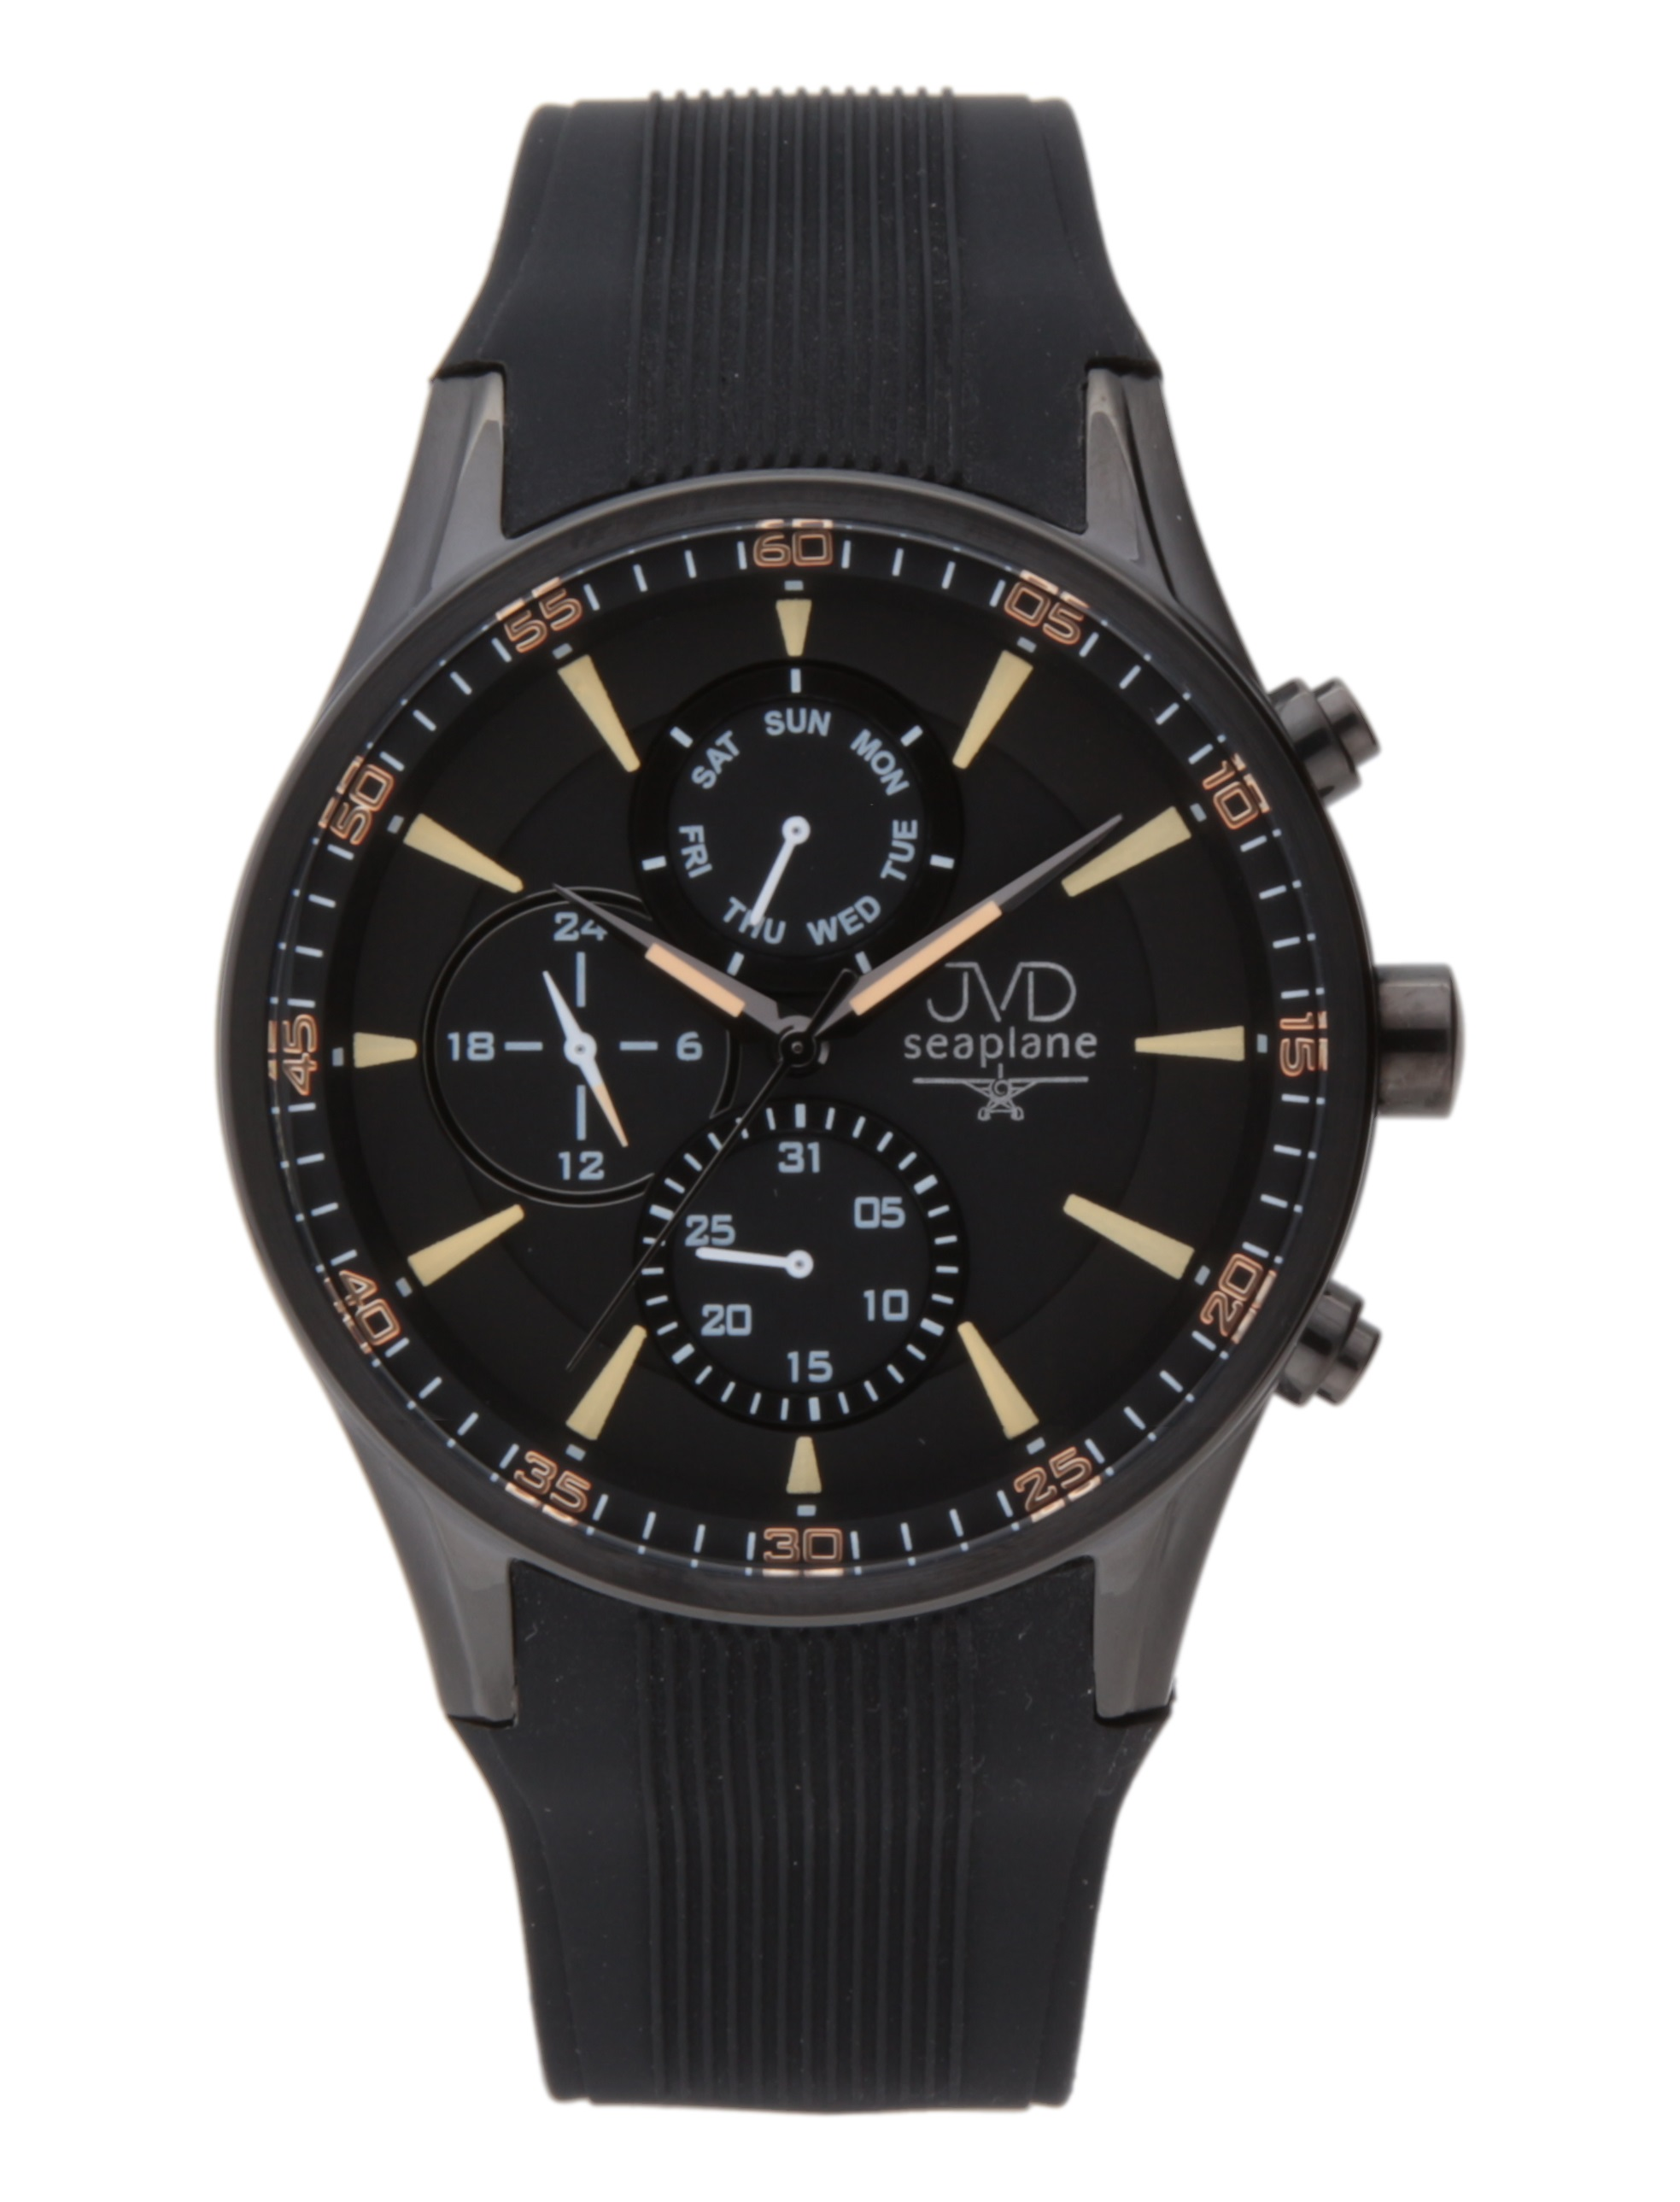 Luxusní černé vodotěsné hodinky JVD seaplane W72.2 - chronograf 10ATM